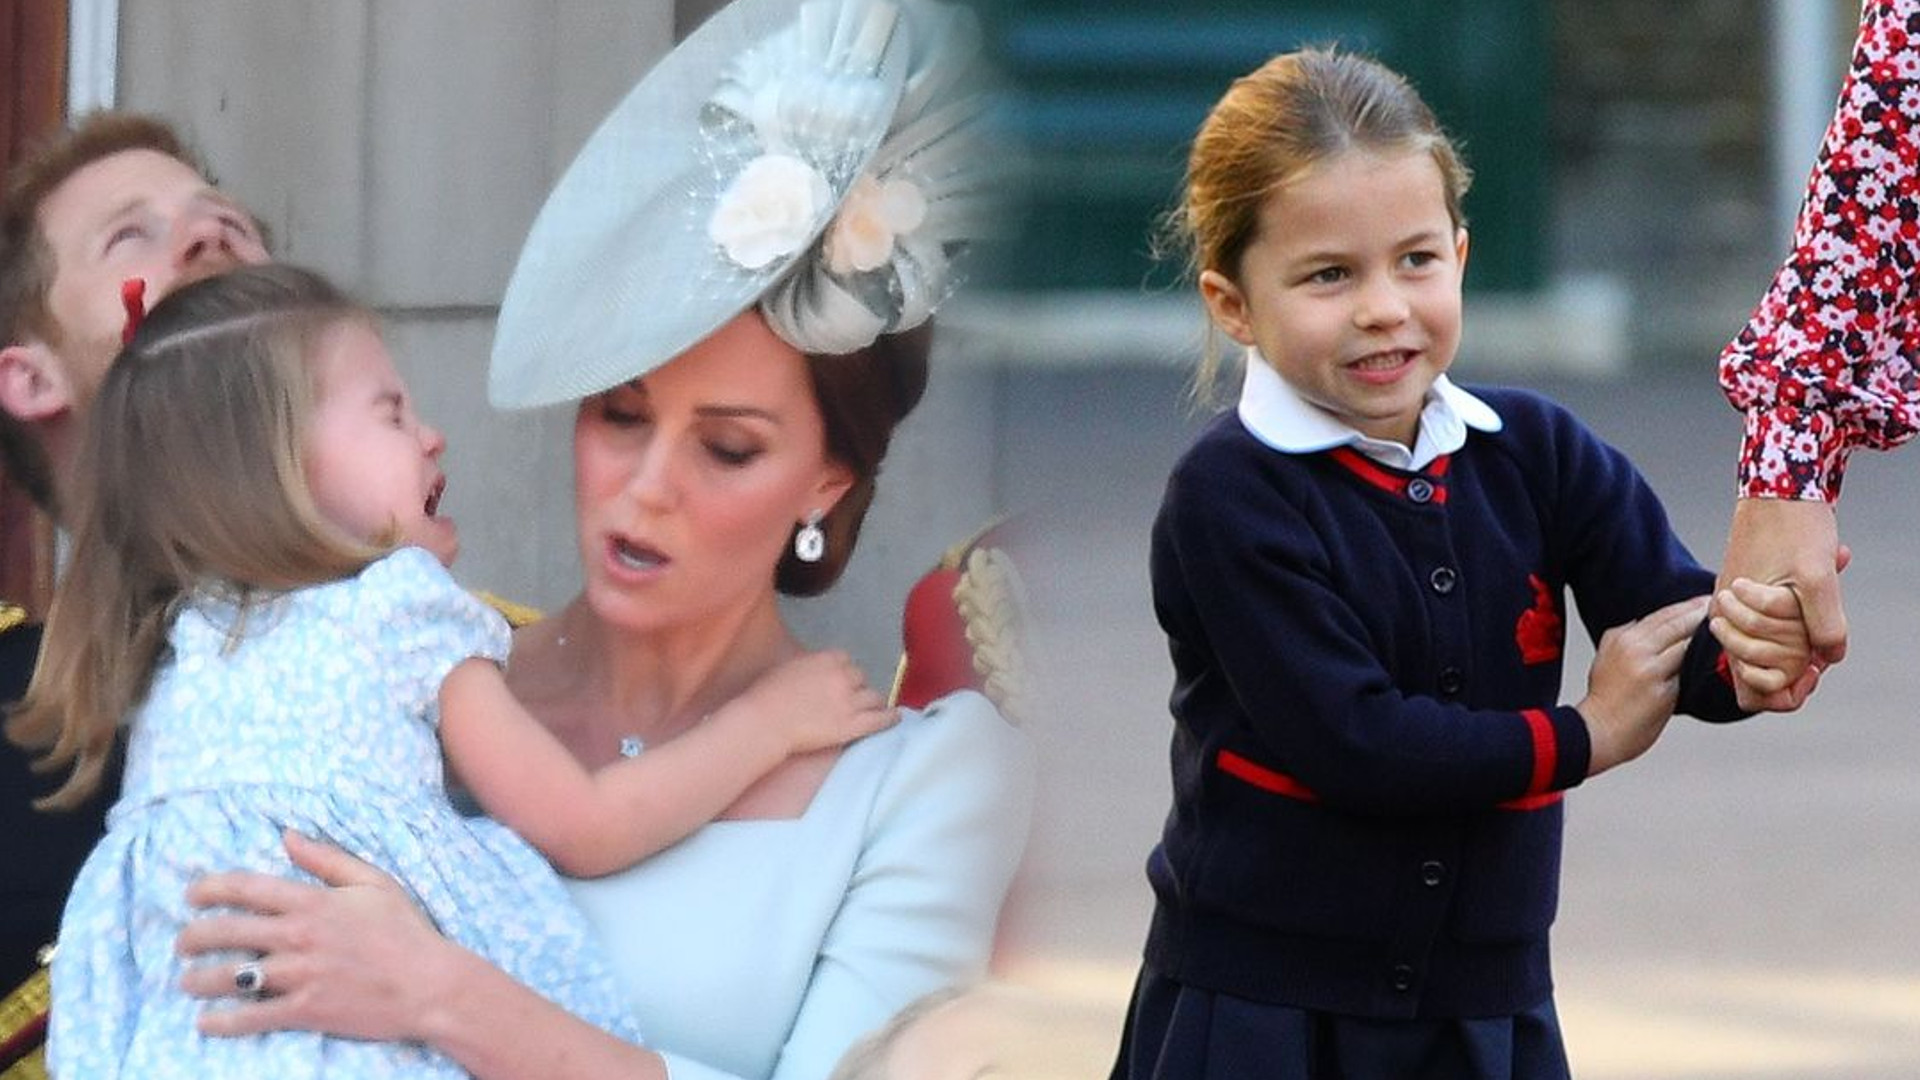 Dlaczego księżniczka Charlotte nie może mieć NAJLEPSZEJ przyjaciółki?